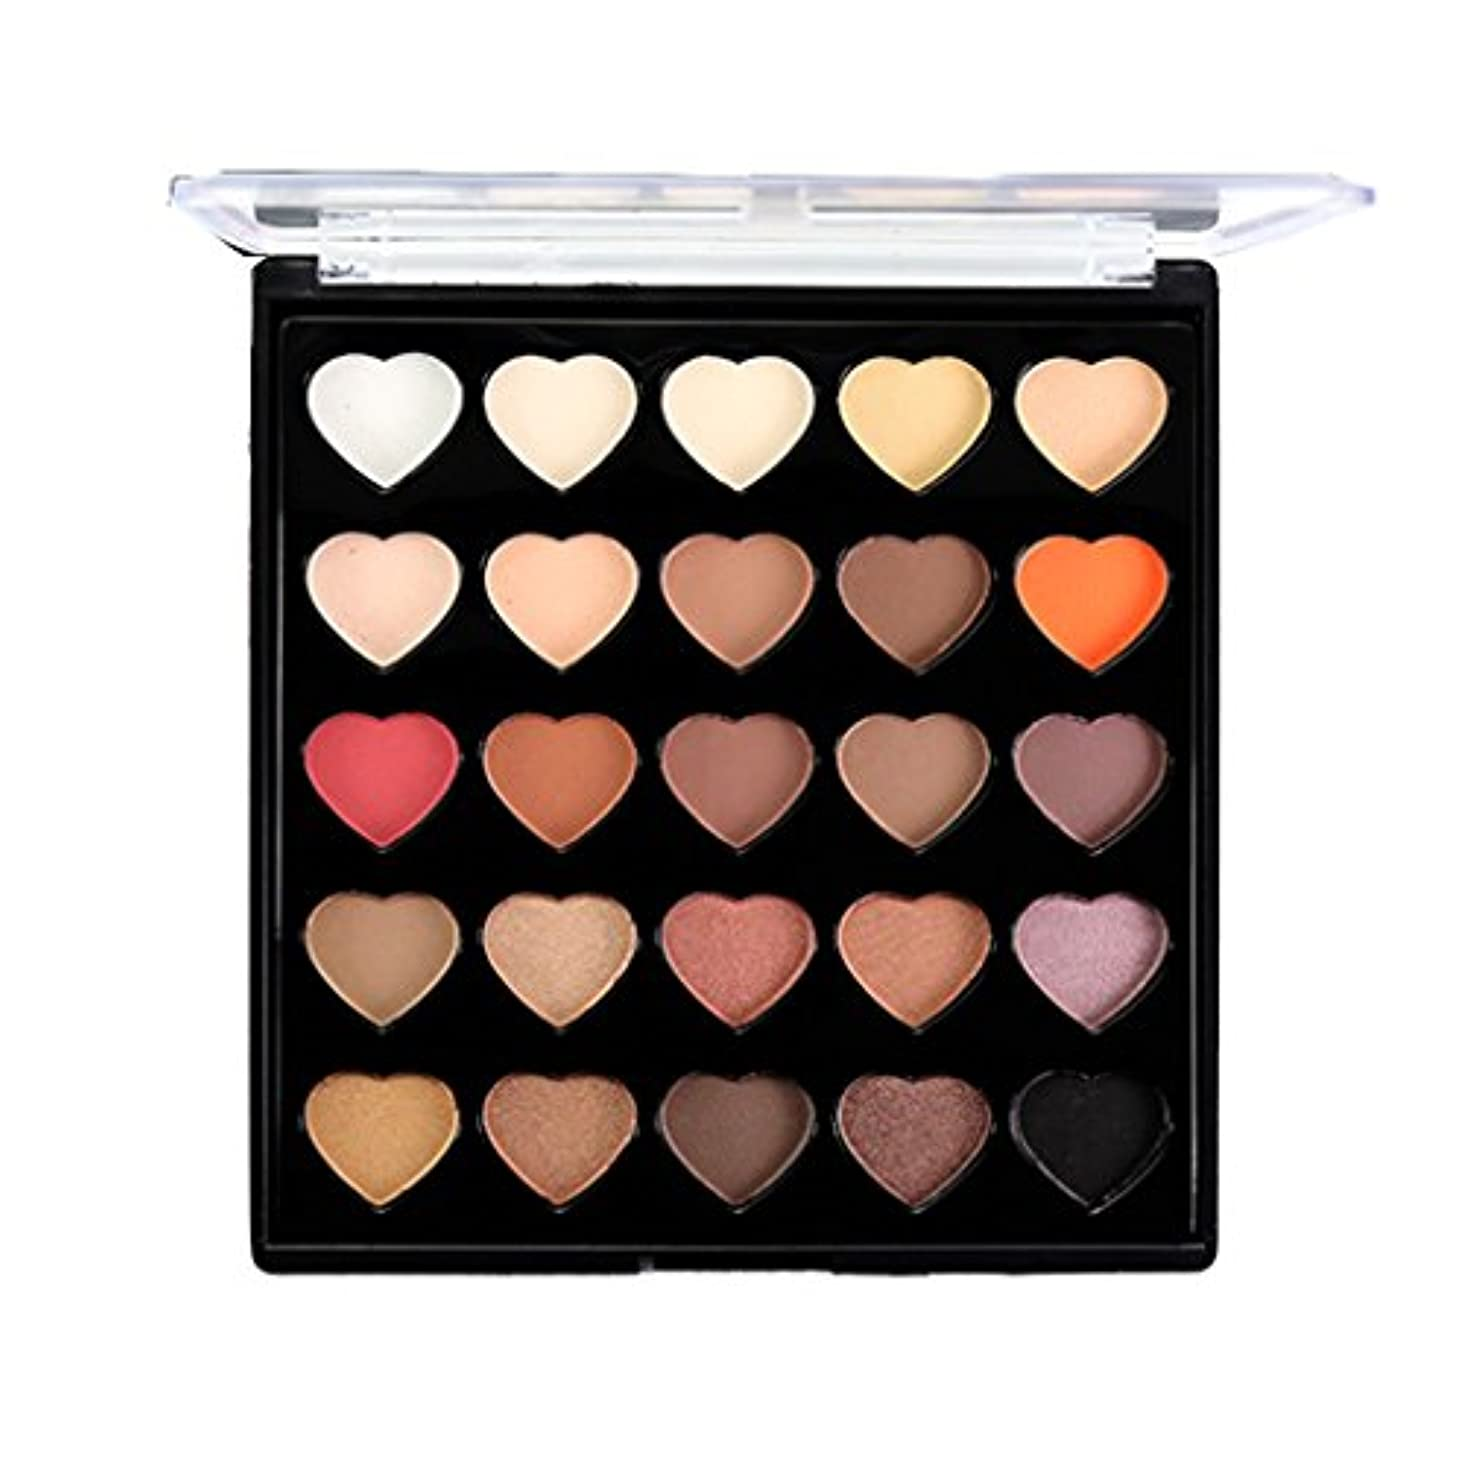 資格パテお手入れアイシャドウ パレット 25色 化粧パレット メイクアップ アイメイク 全2種類 - #1